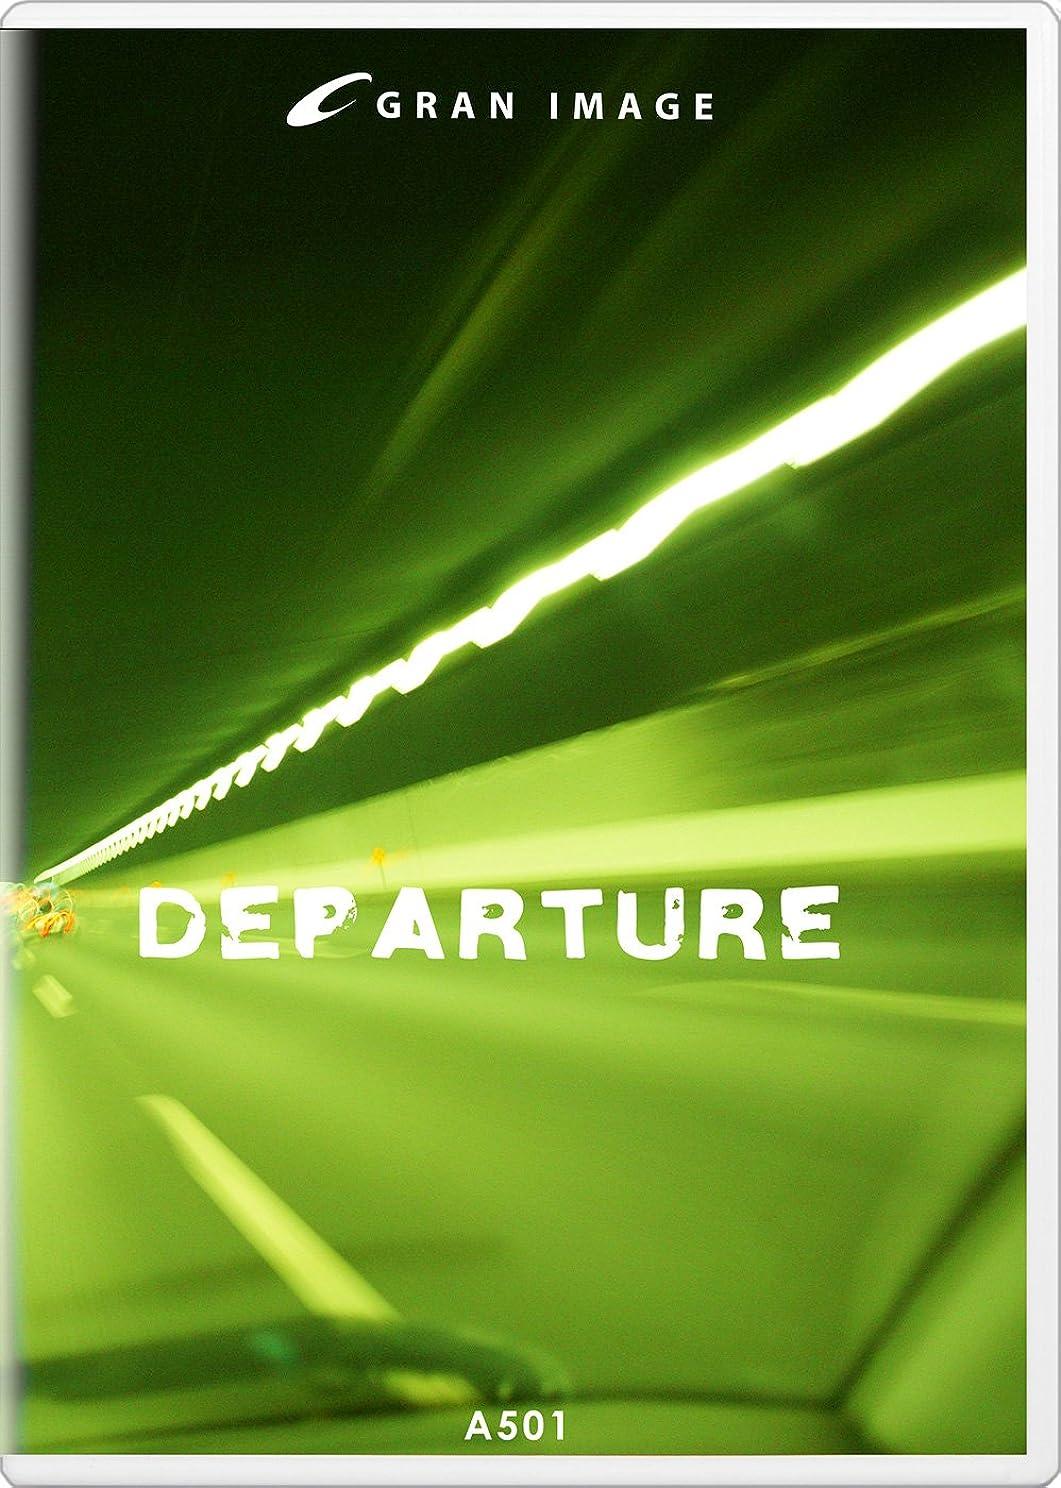 常にマニュアル楽観的グランイメージ A501 DEPARTURE ディパーチャー(ロイヤリティフリー写真素材集)